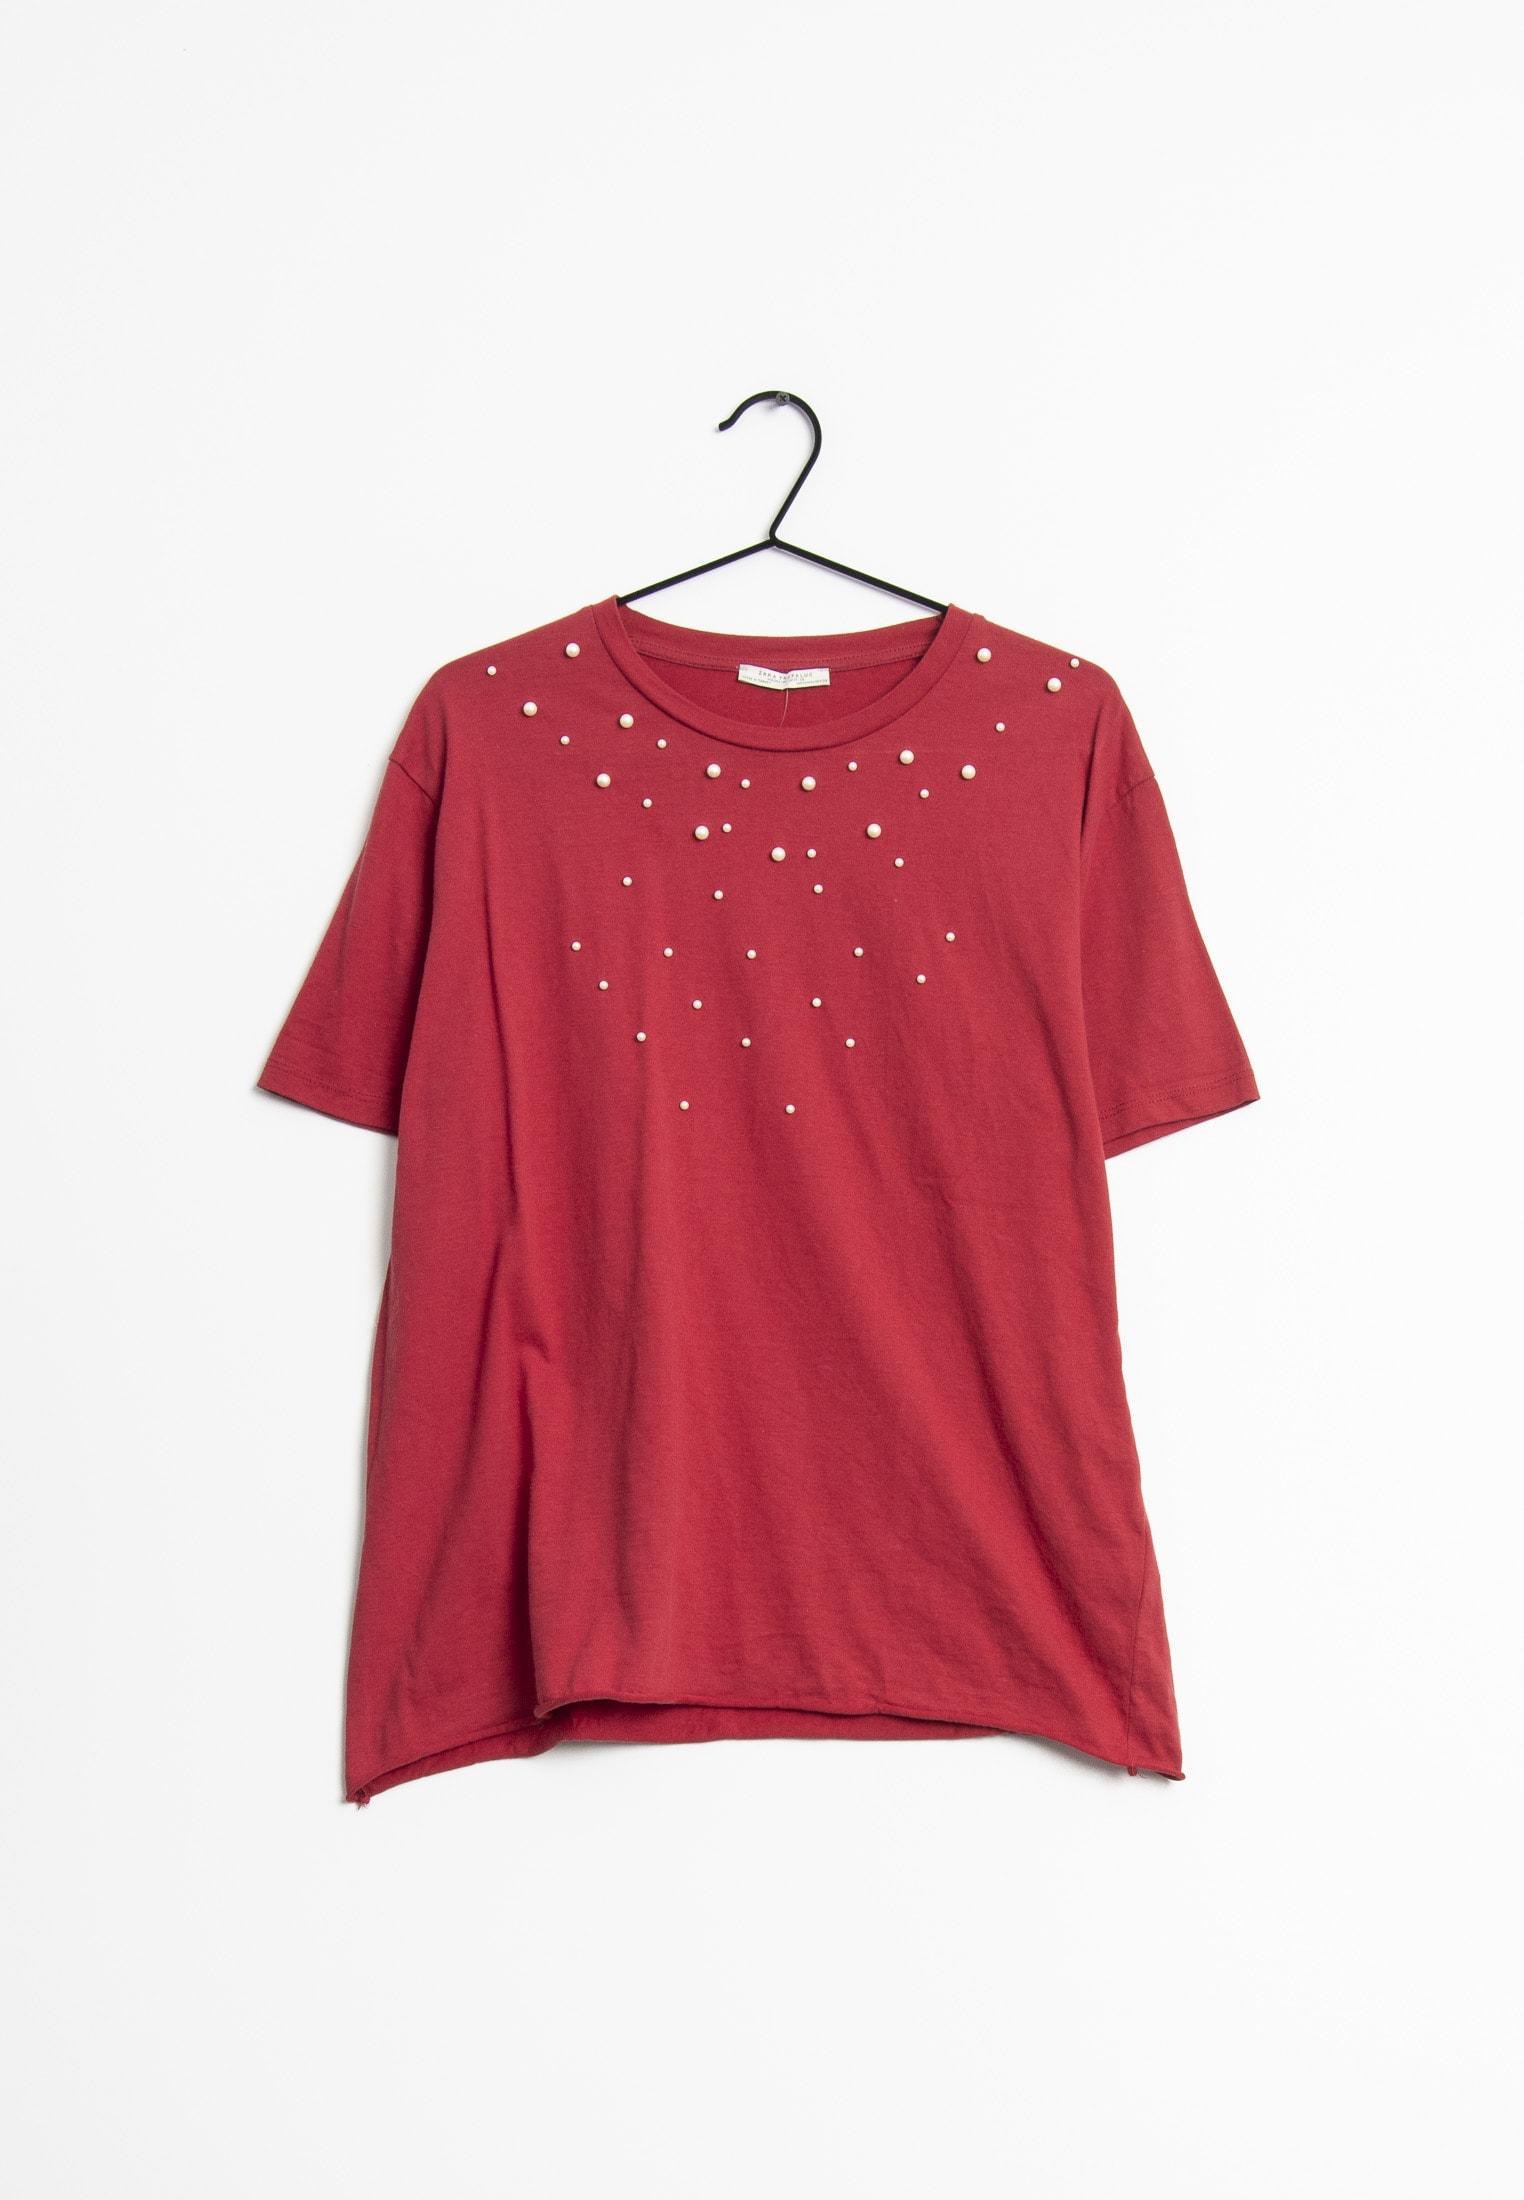 Zara T-Shirt Rot Gr.M